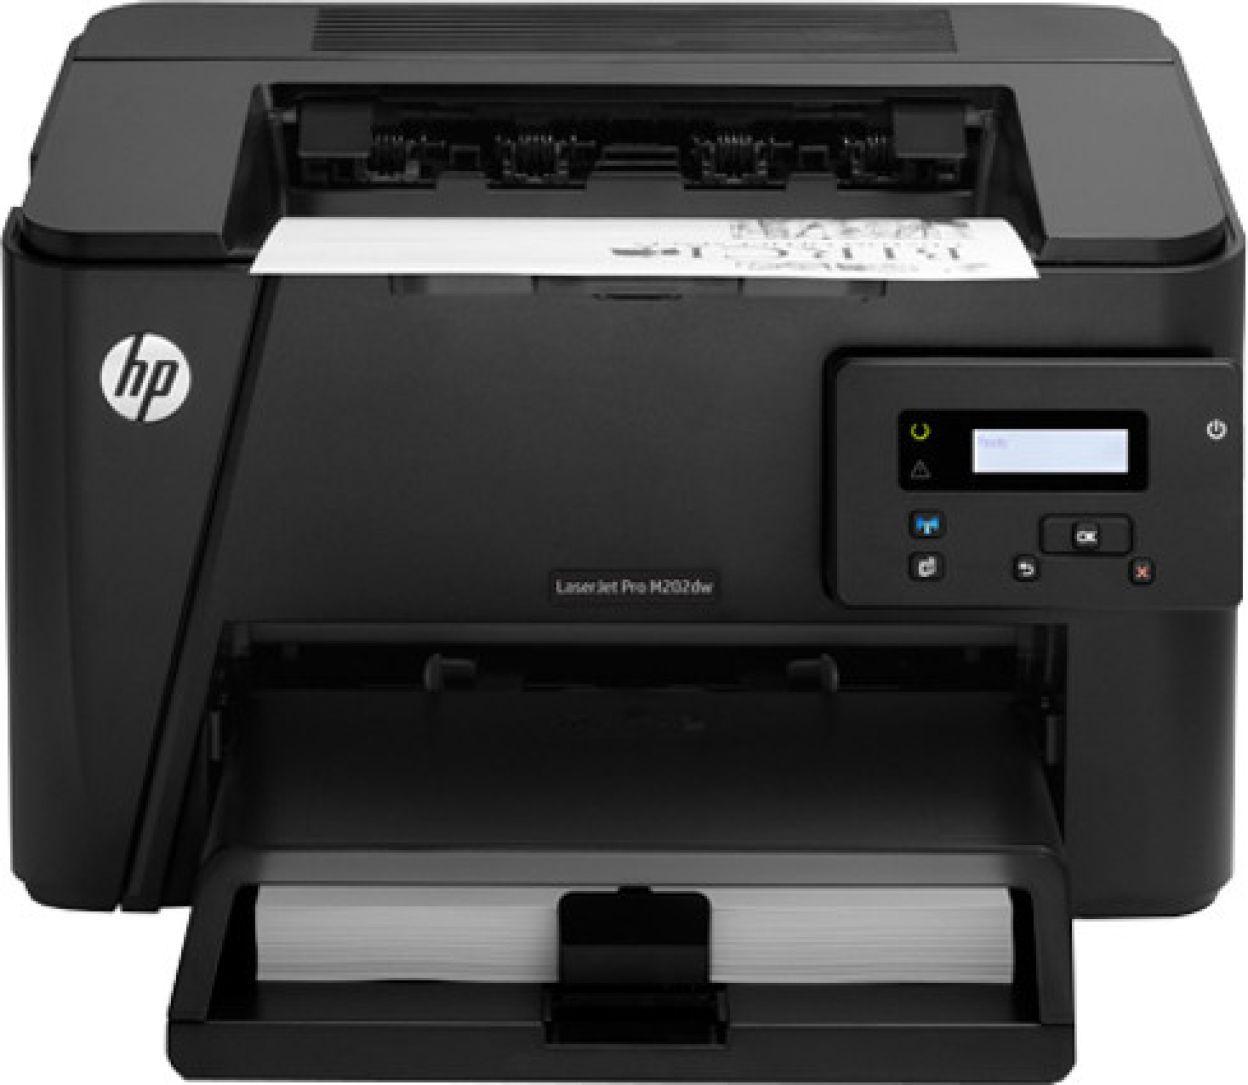 HP Pro M202dw Laserjet Printer